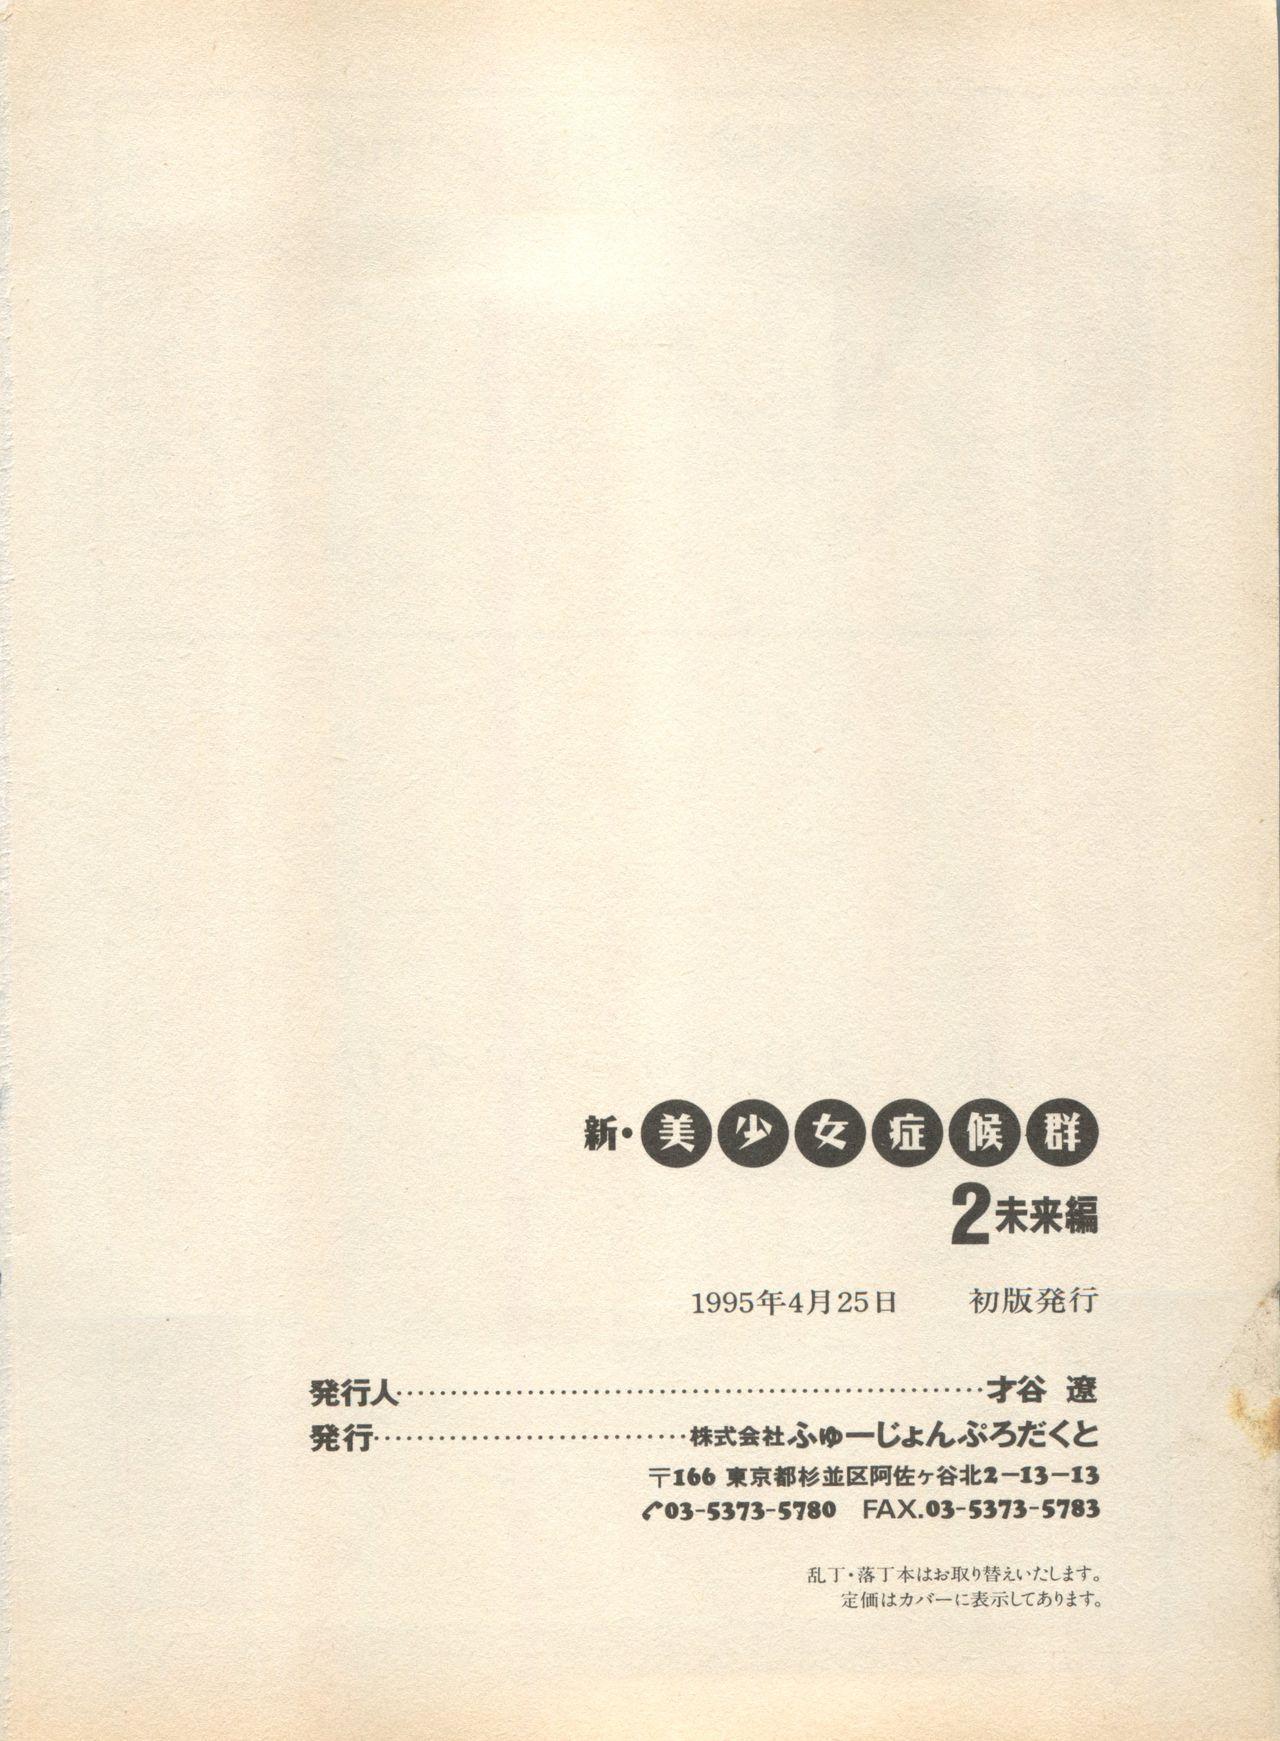 Shin Bishoujo Shoukougun 2 Mirai Hen 205